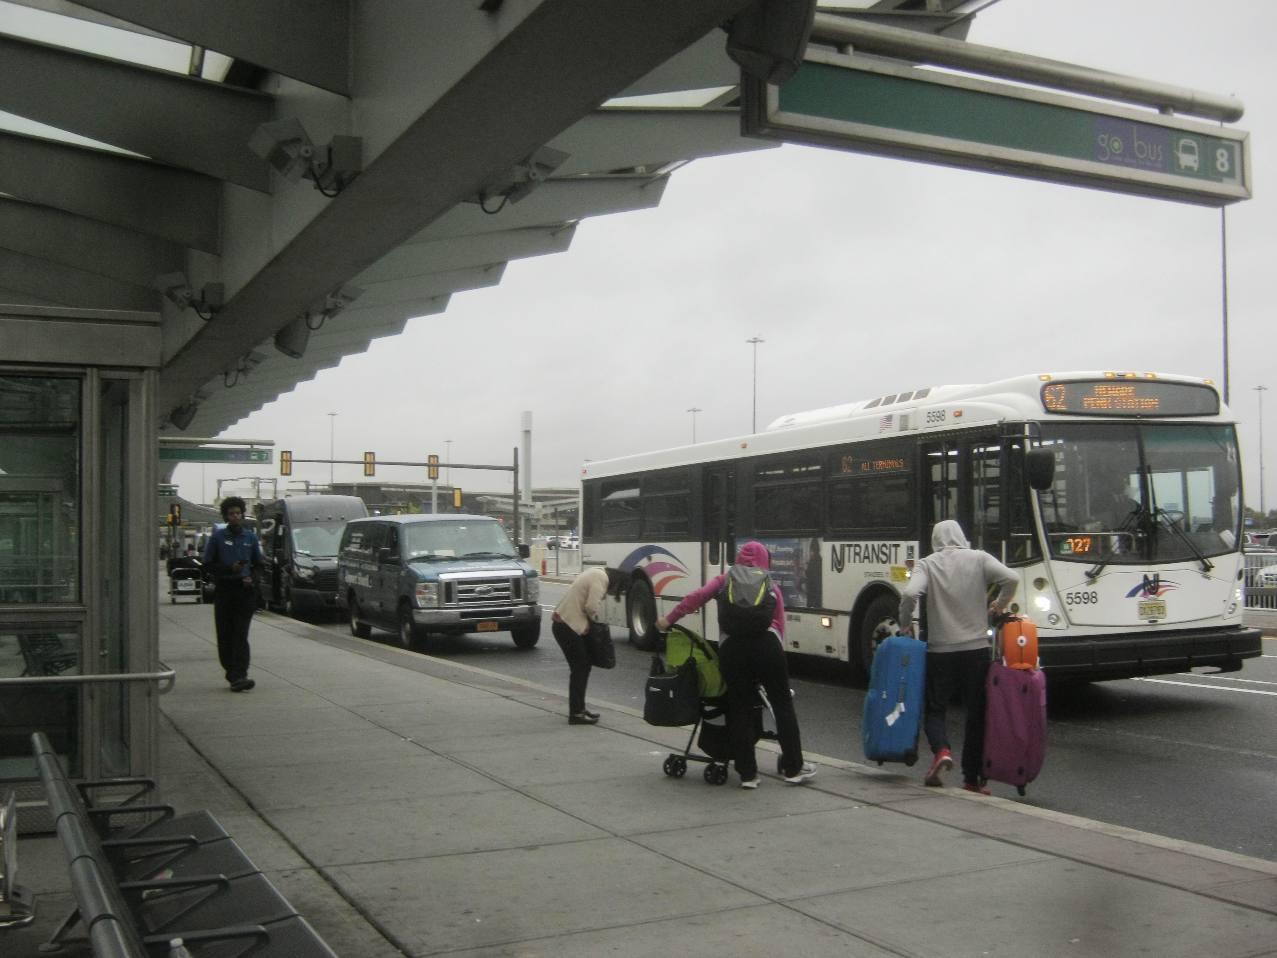 ニューアーク空港に来る62番のバス。